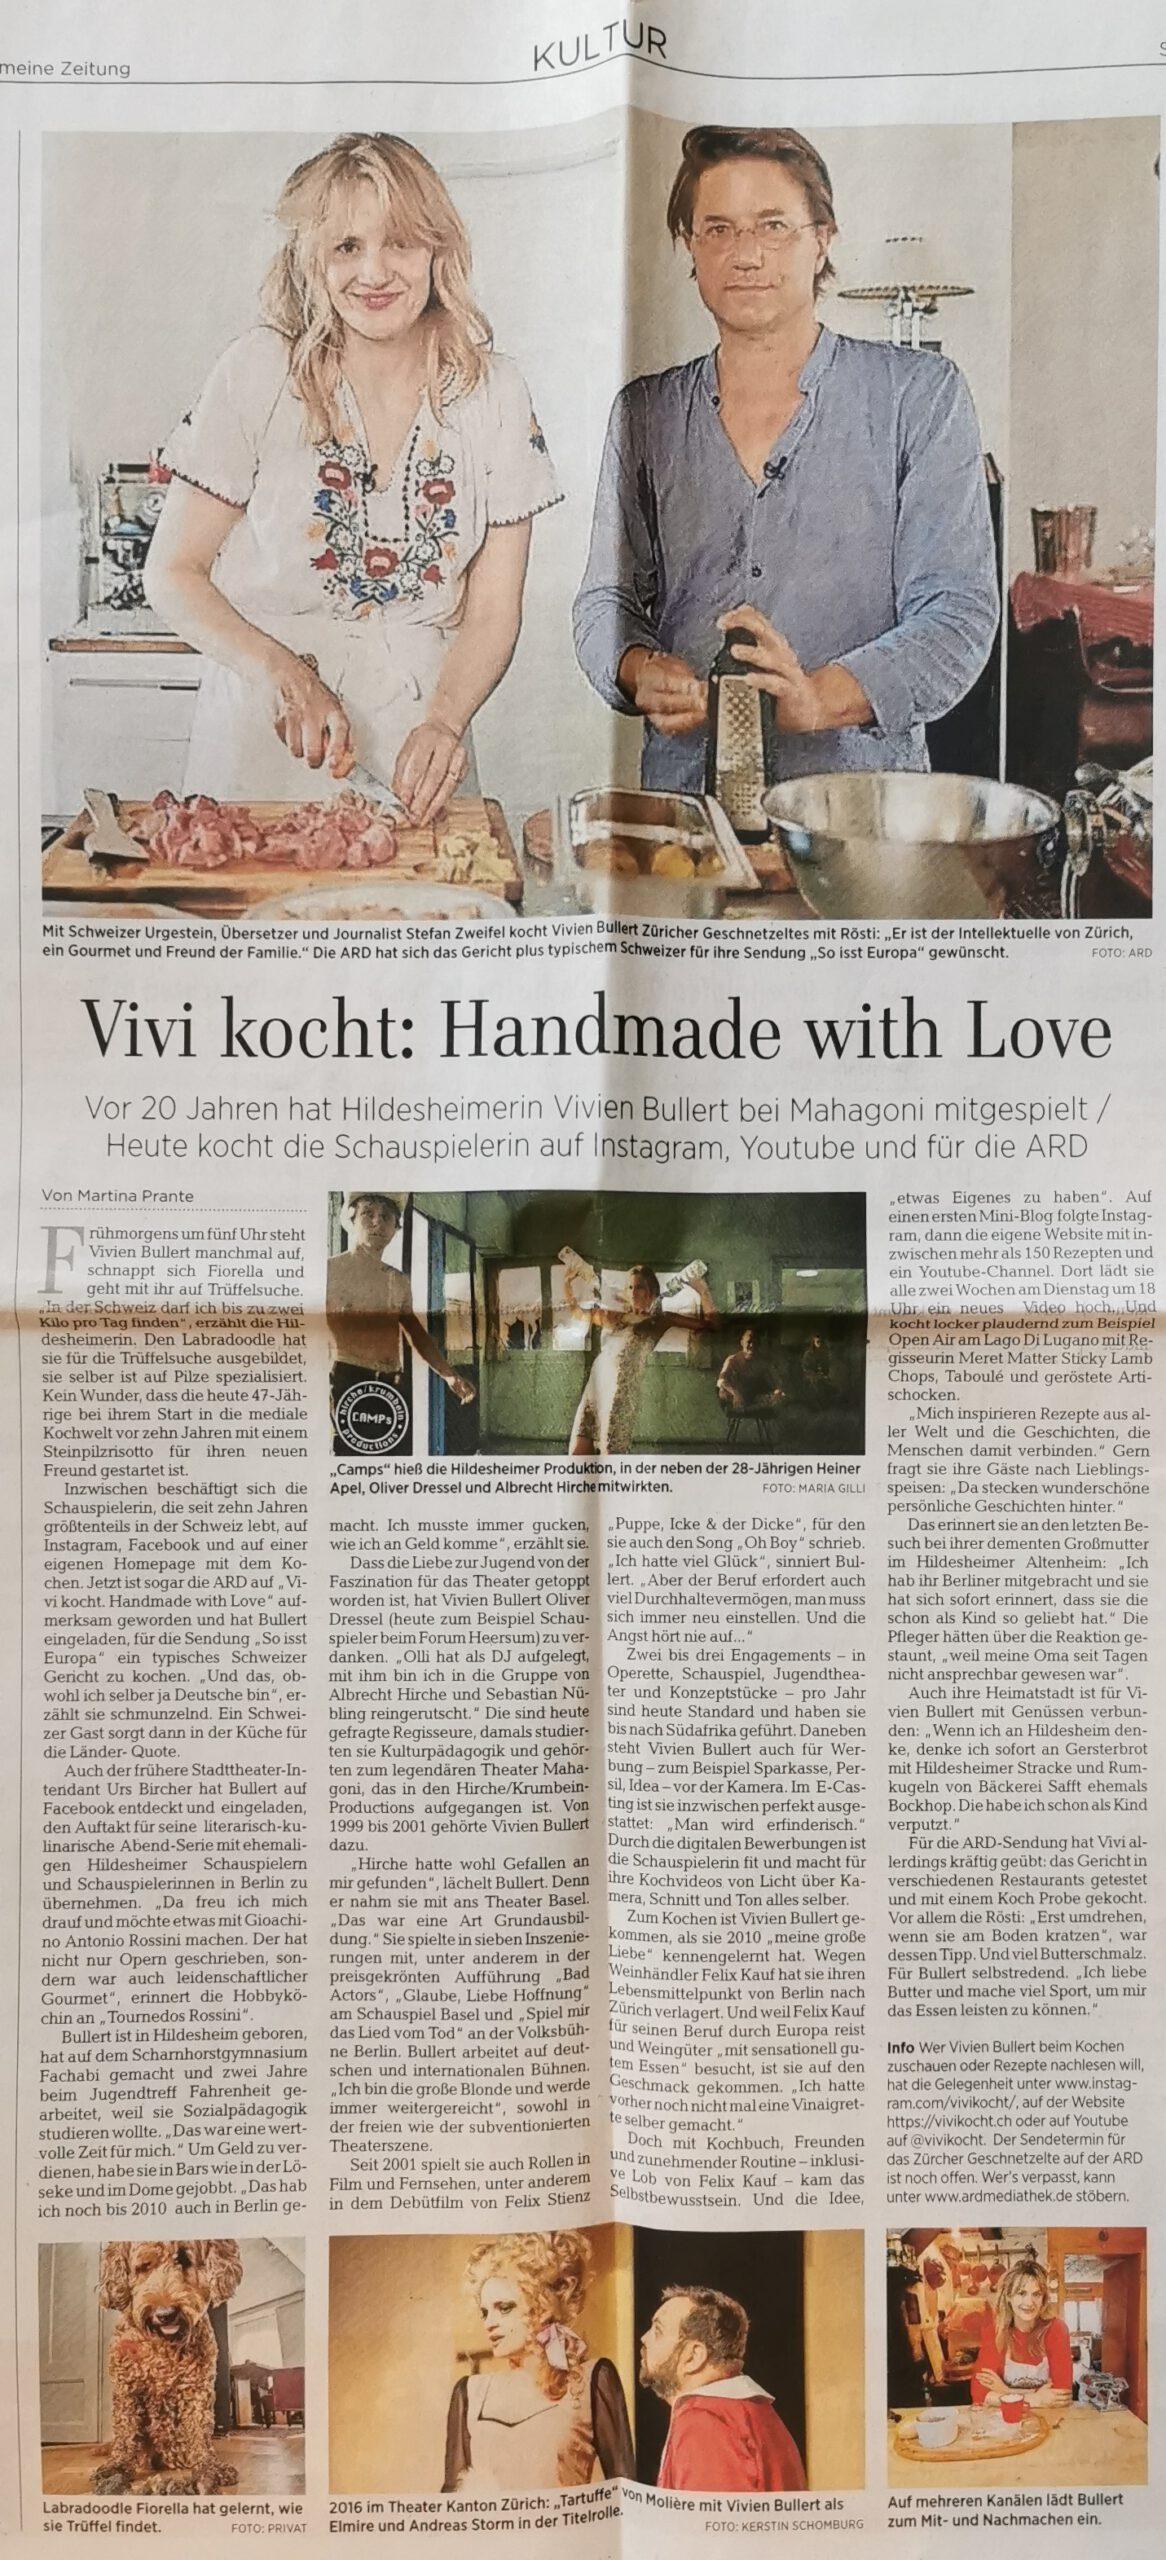 Vivi kocht im Interview mit Martina Prante